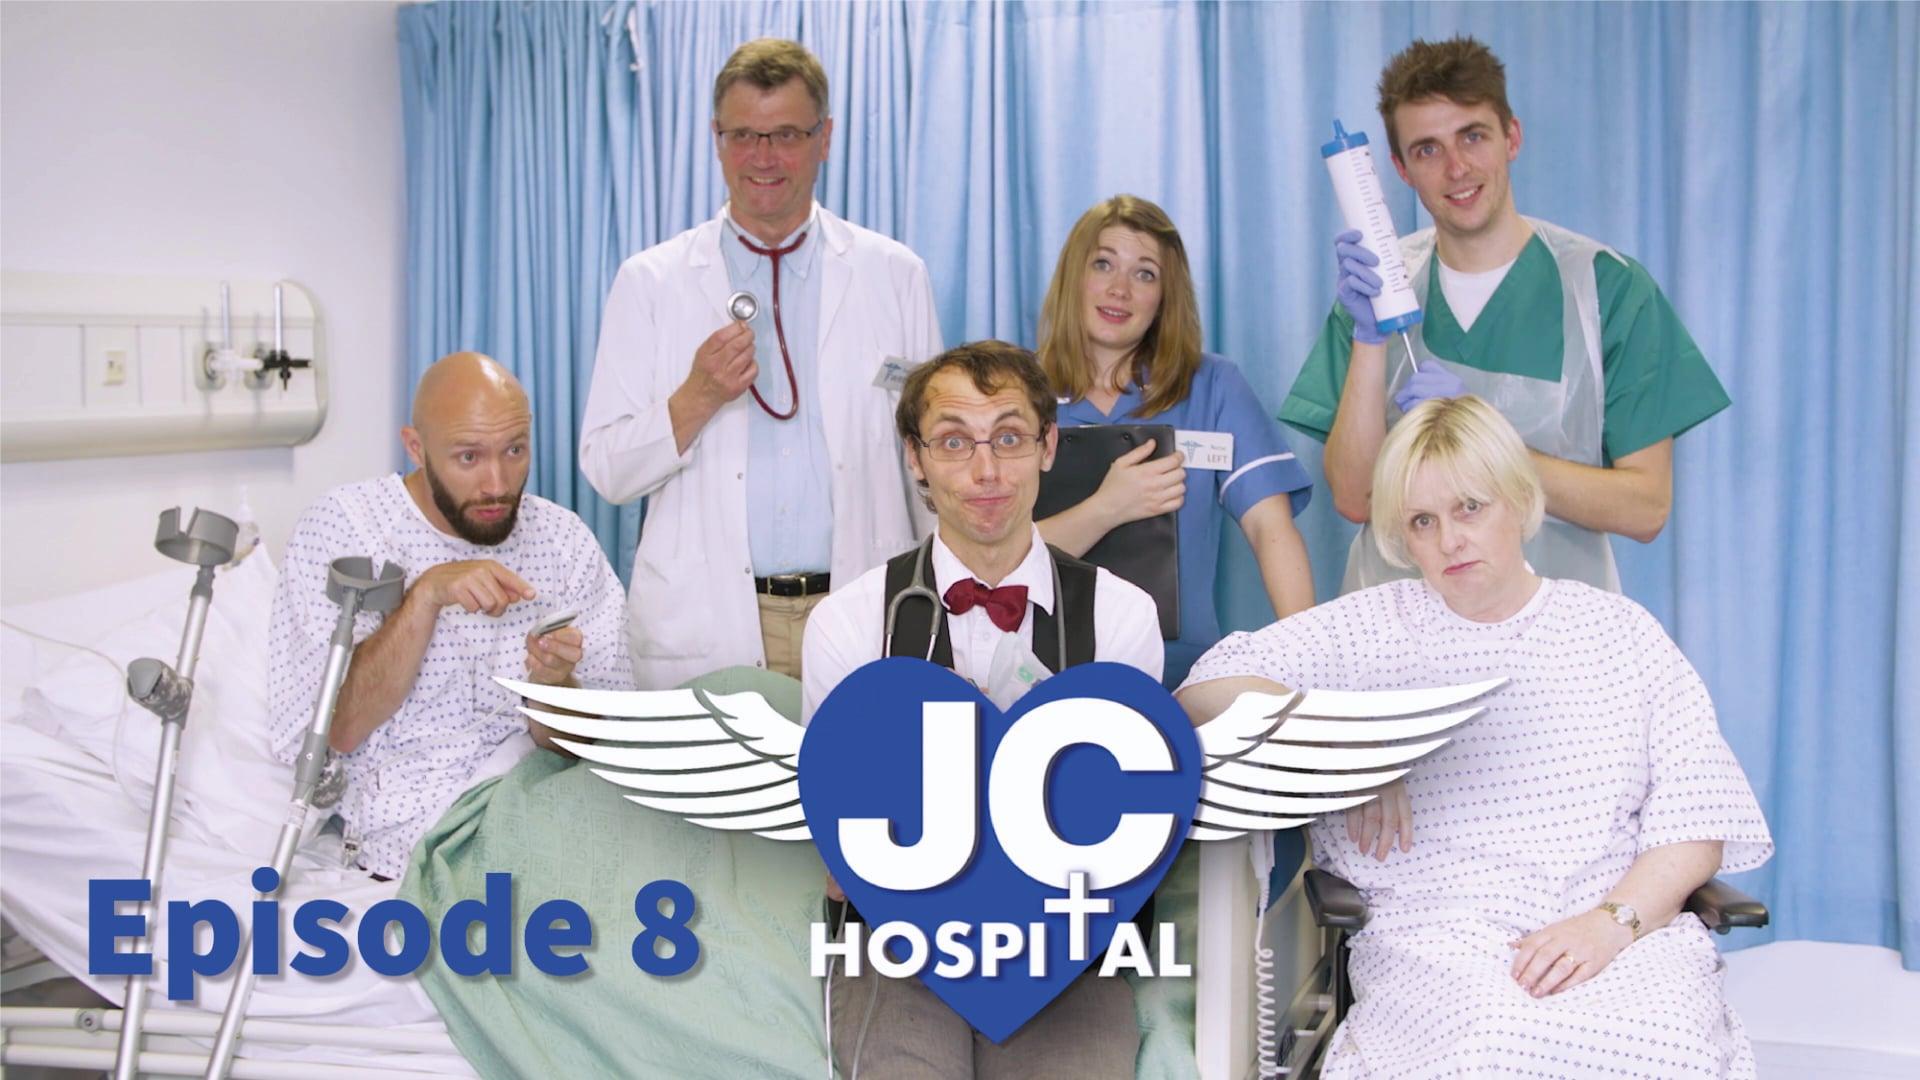 JC Hospital: Episode 8